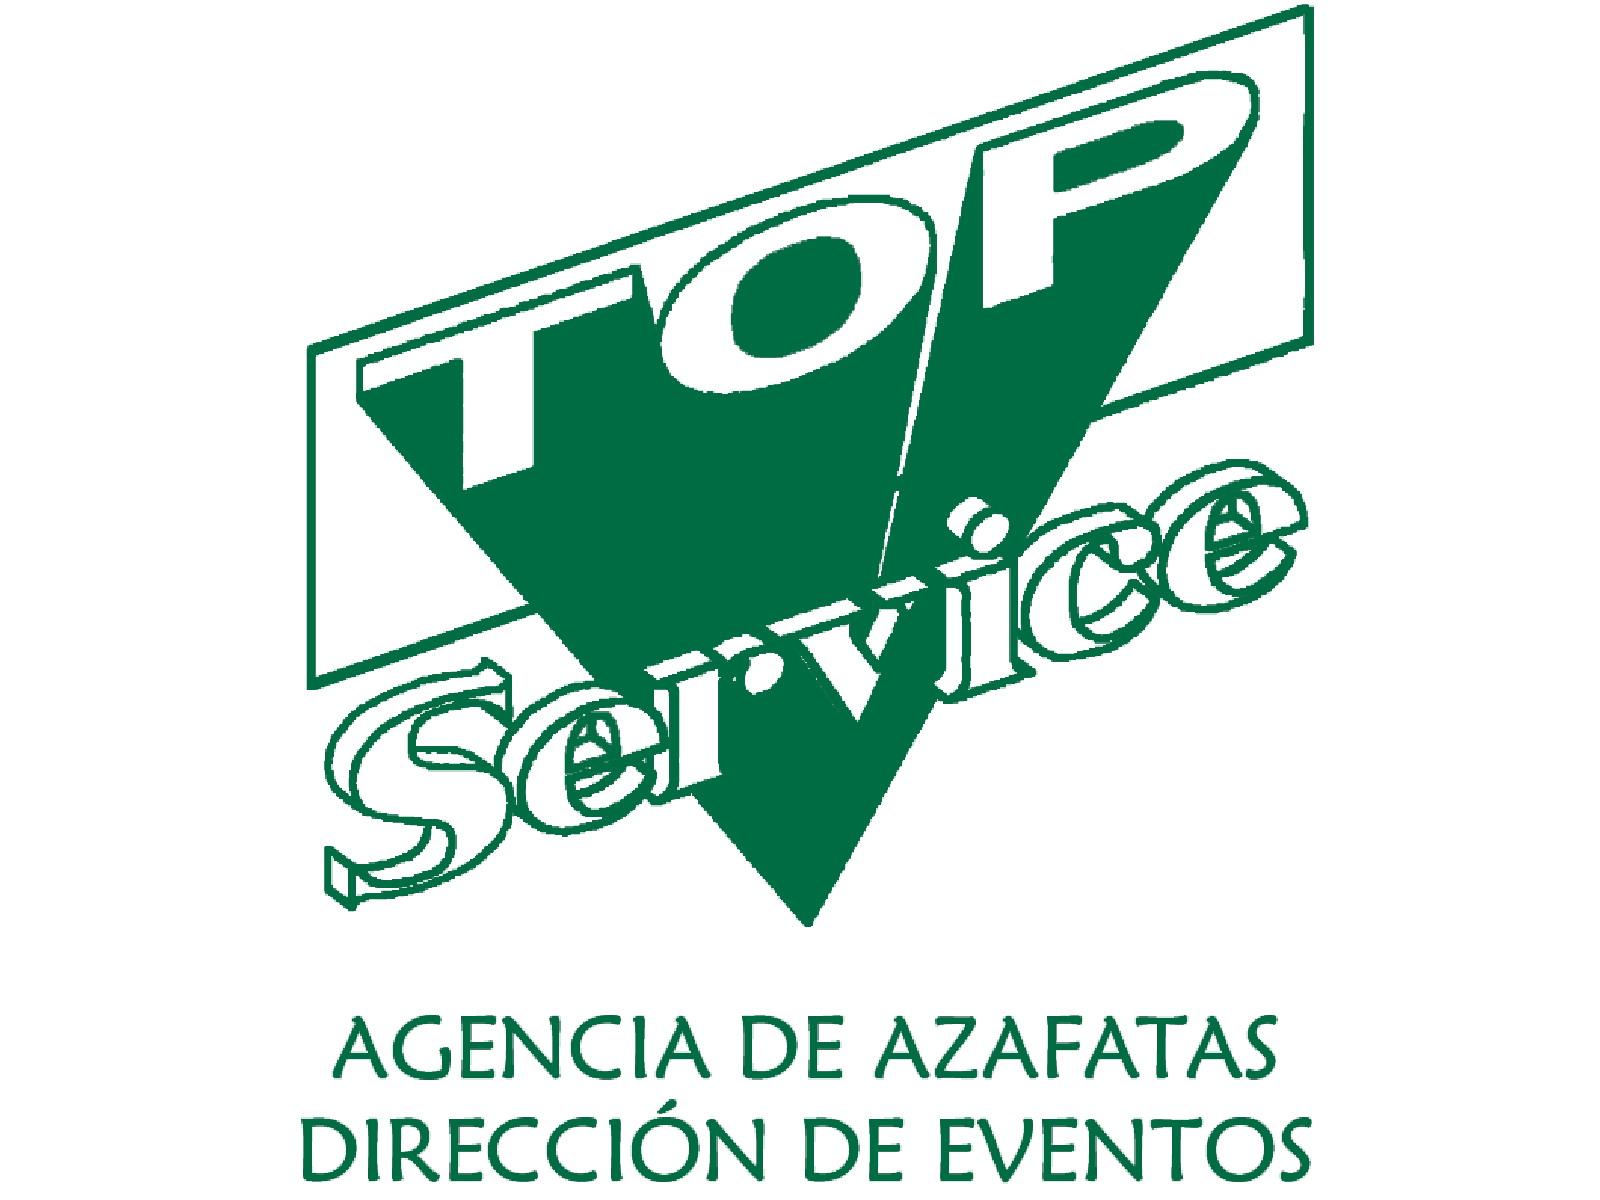 Agencias de eventos en barcelona azafatas feria barcelona - Agencias de limpieza barcelona ...